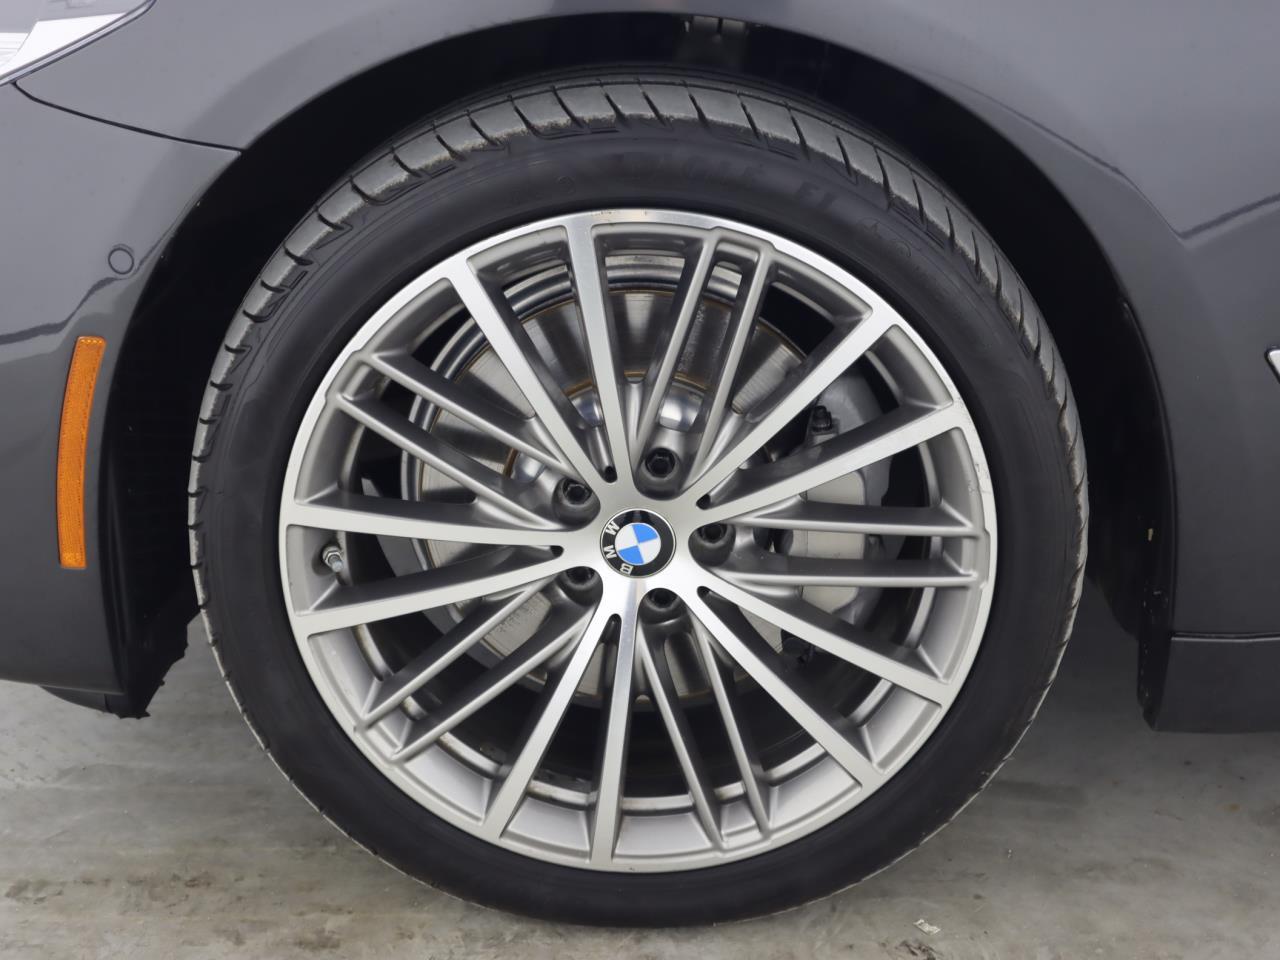 used vehicle - Sedan BMW 5 SERIES 2017